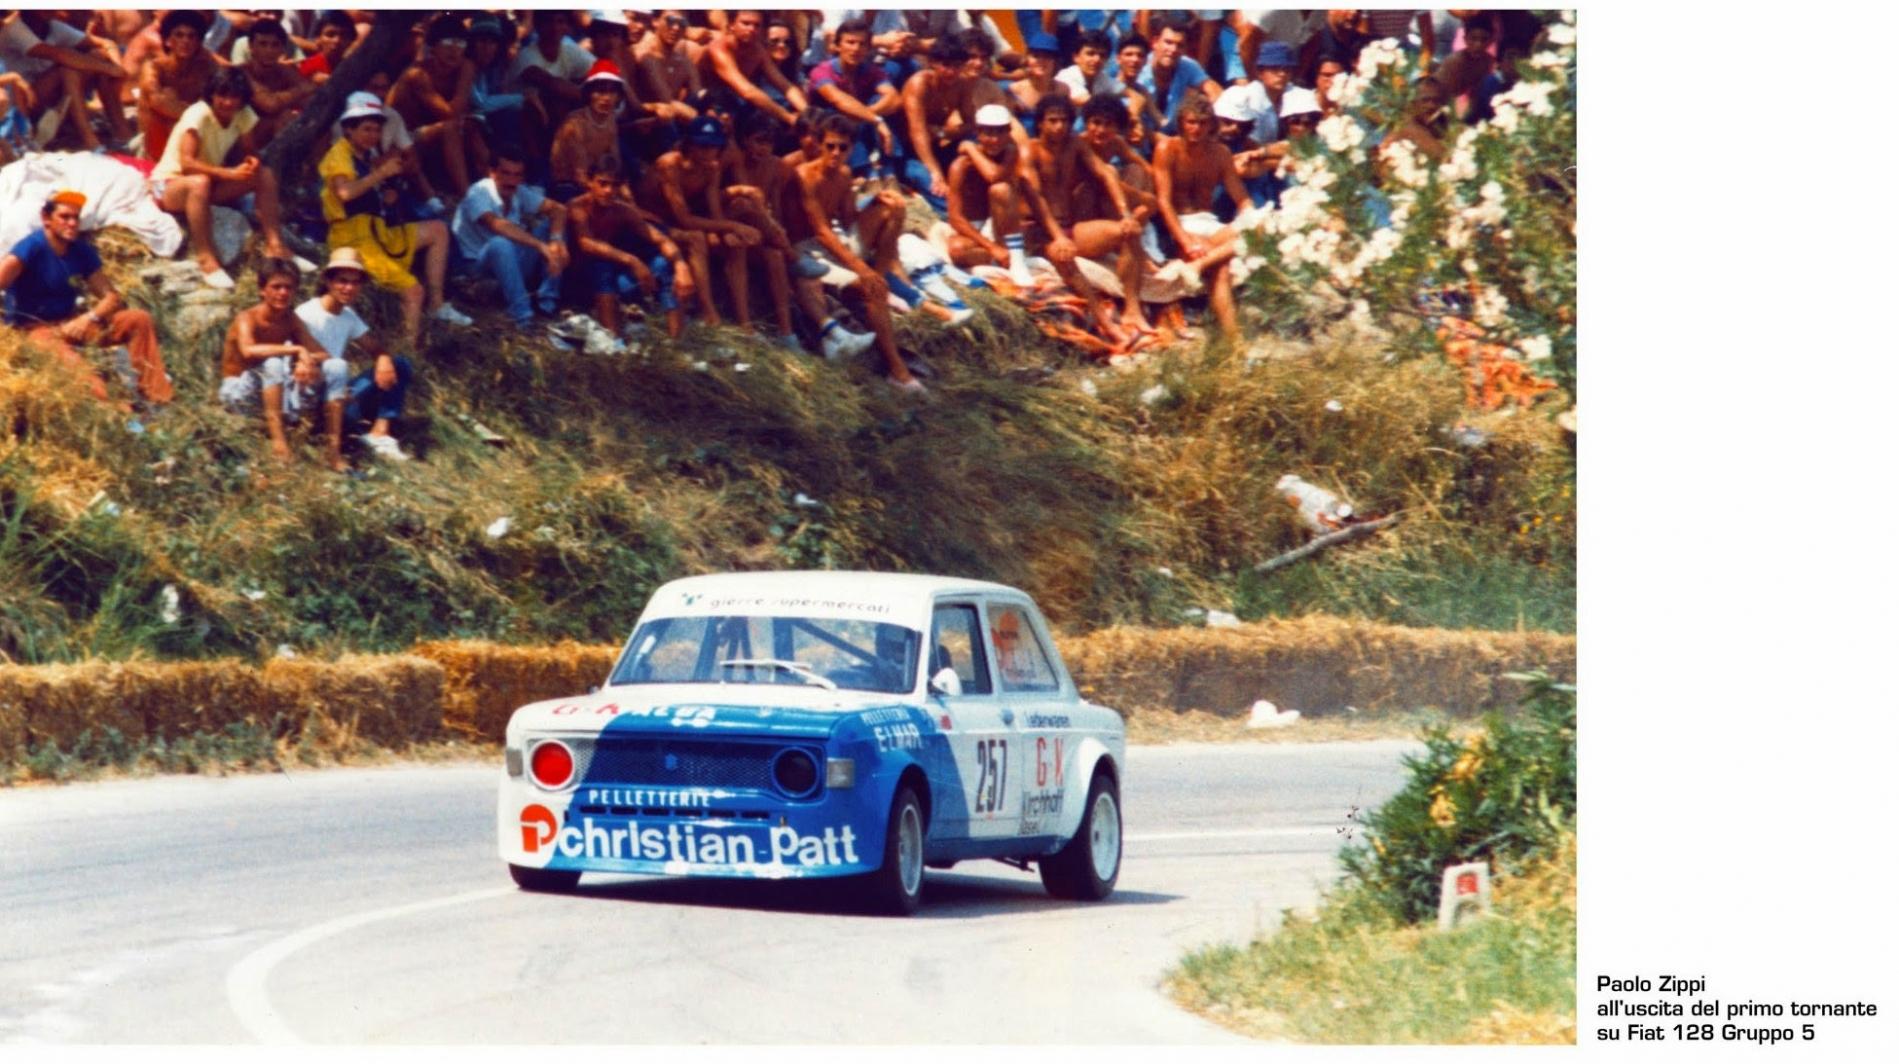 1983 Paolo Zippi all'uscita del 1° tornante